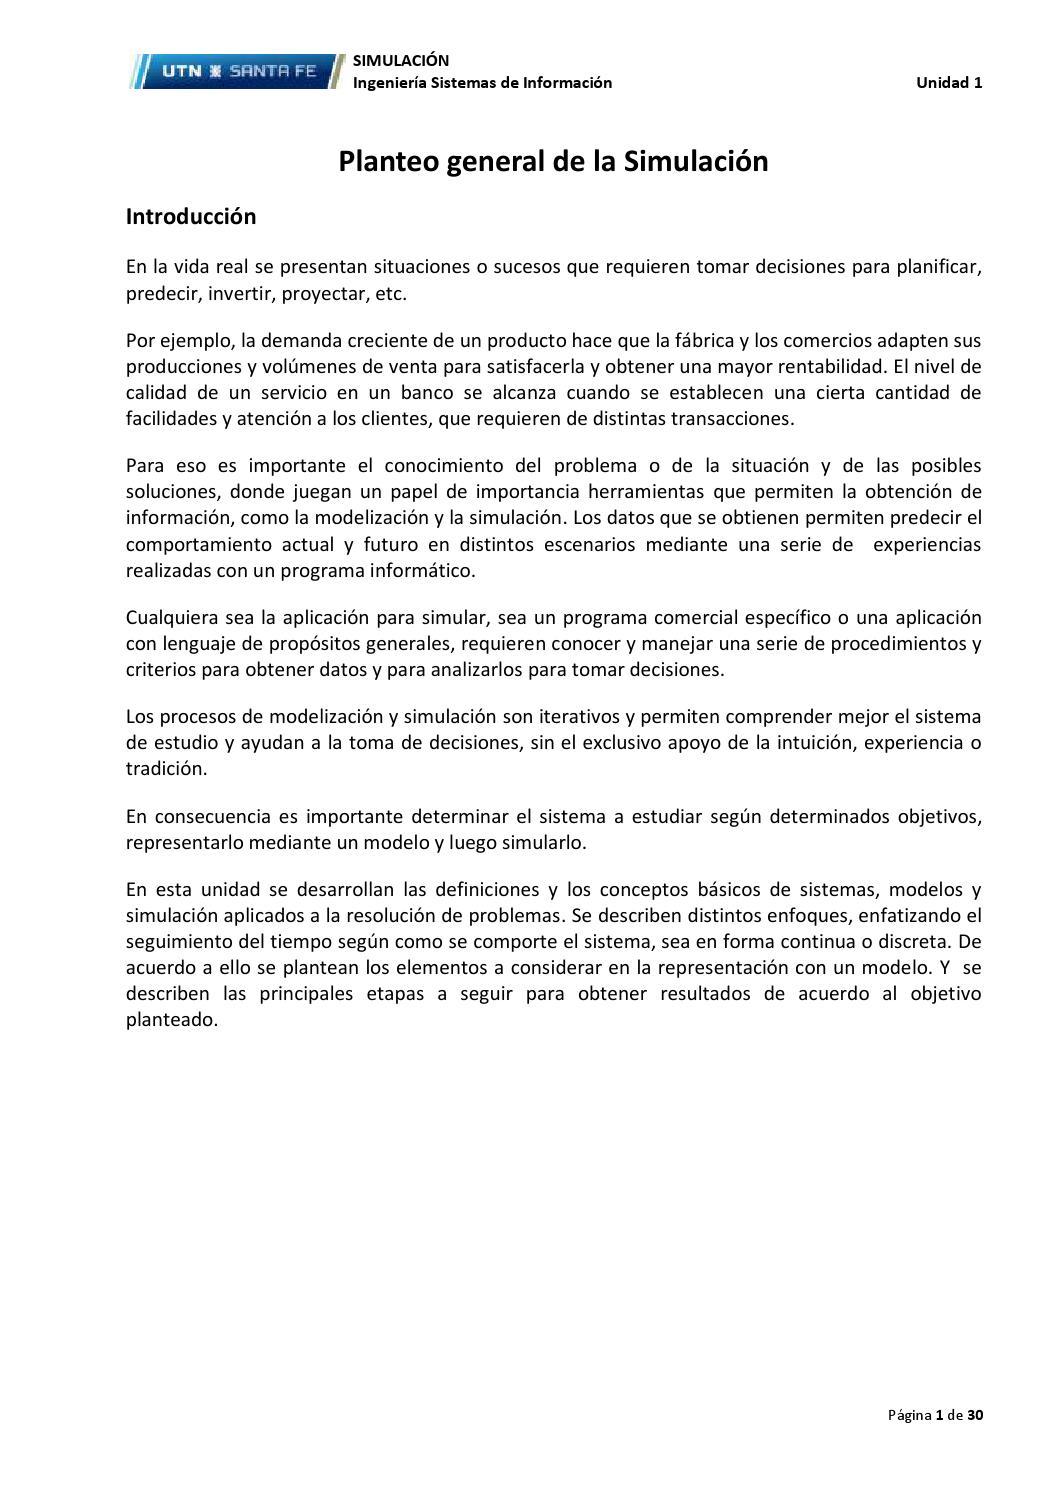 Teoria unidad 1 by Rosa Verónica Cruzado Herrera - issuu